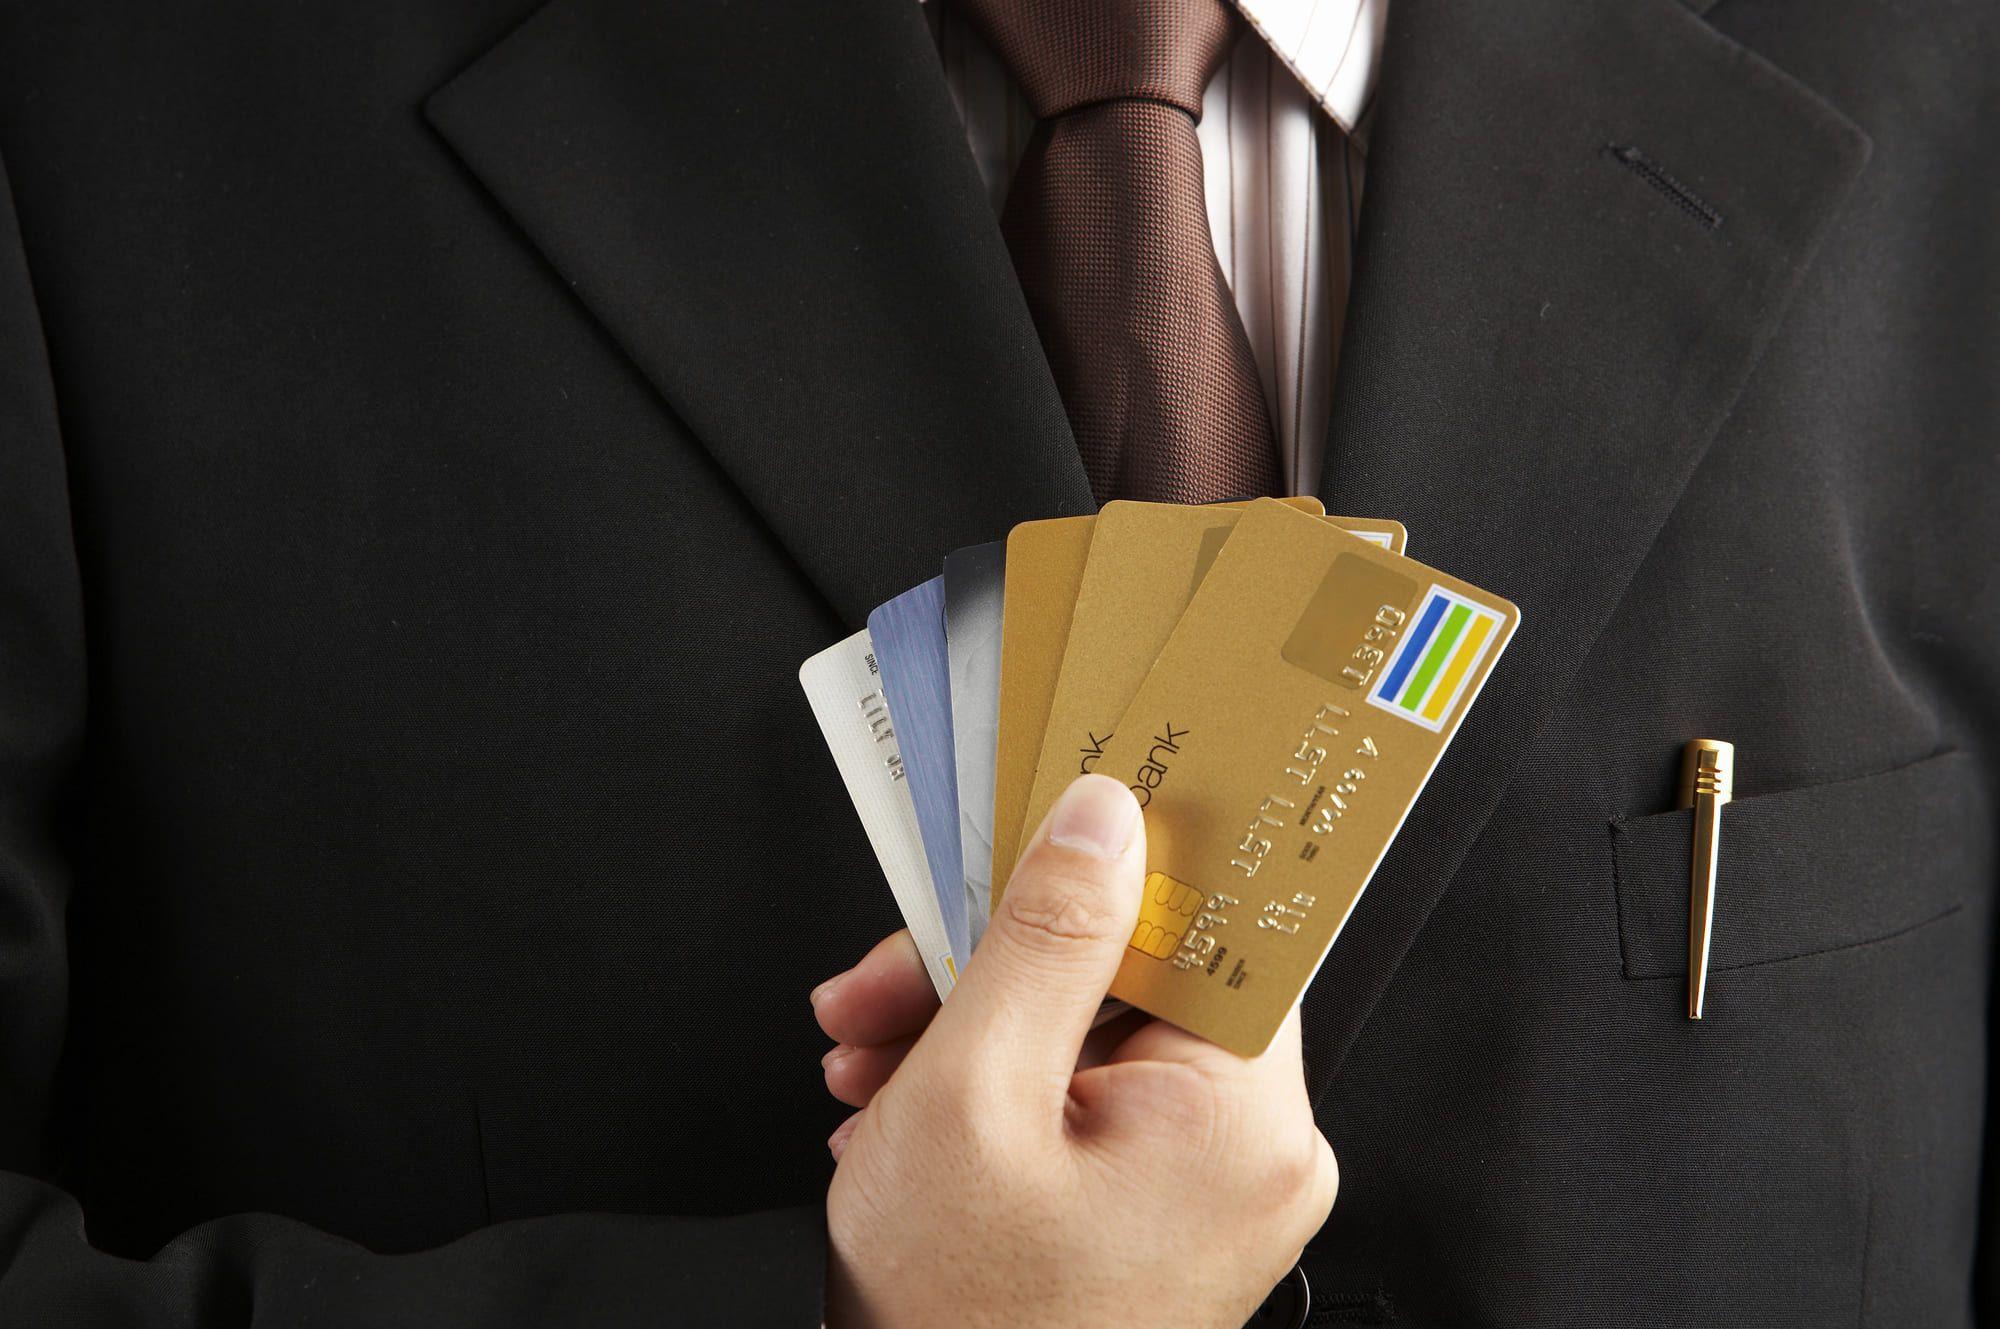 法人カードの審査で個人信用情報は利用される!それでもカードを発行するには